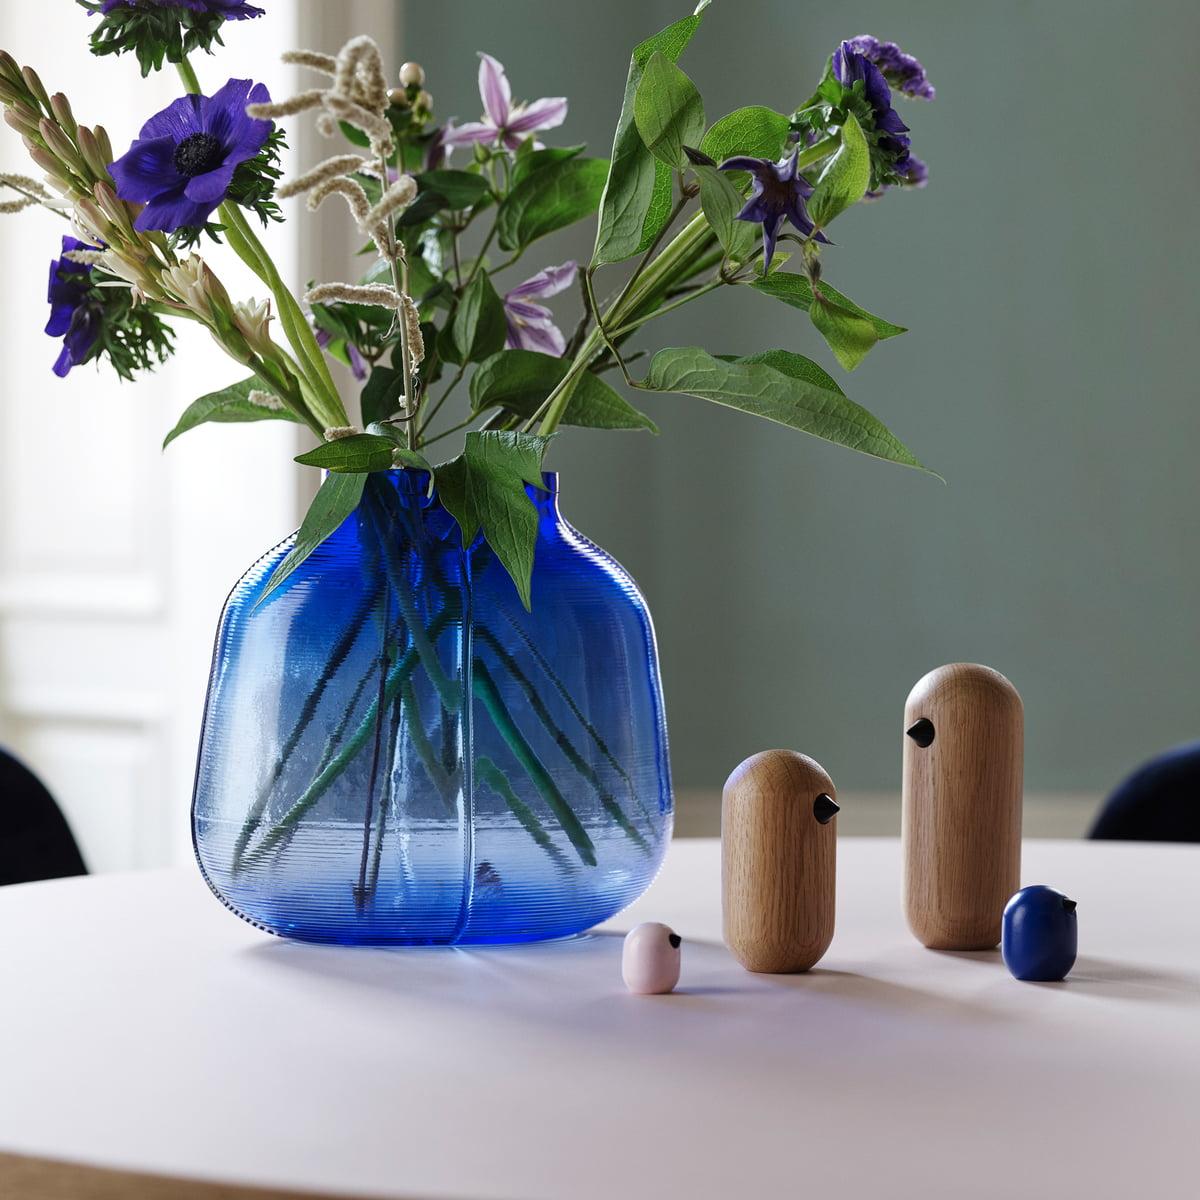 Klar 18 x 10 x 10 cm Out of the blue Spardose Glas